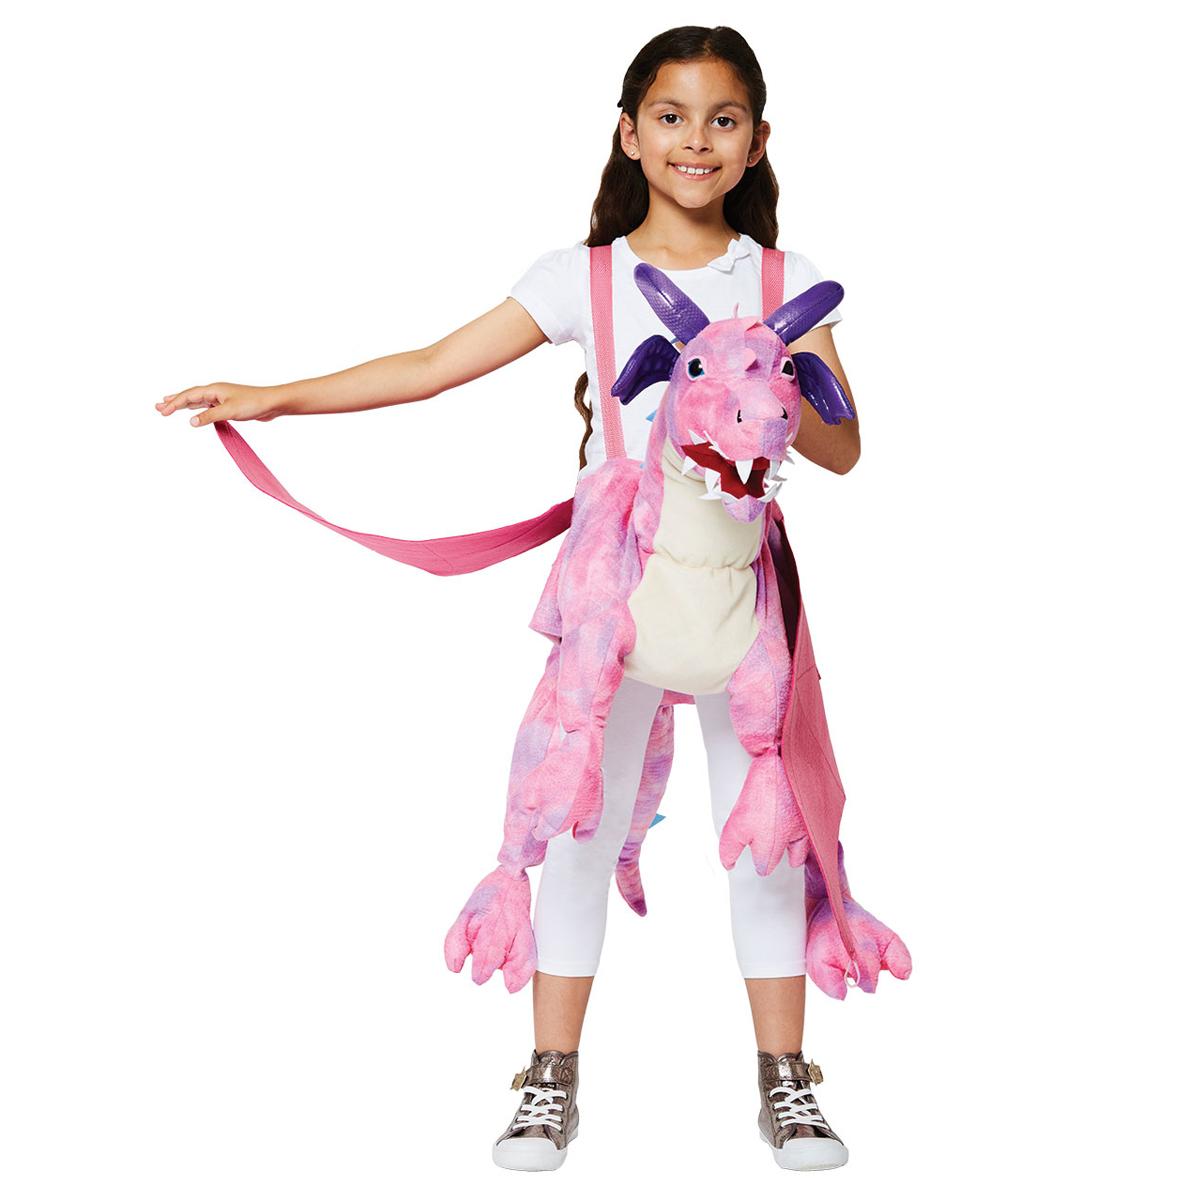 13ad7254ffd Travis udklædning, ride-on pink drage - Travis Udklædning -  Børneneskartel.dk